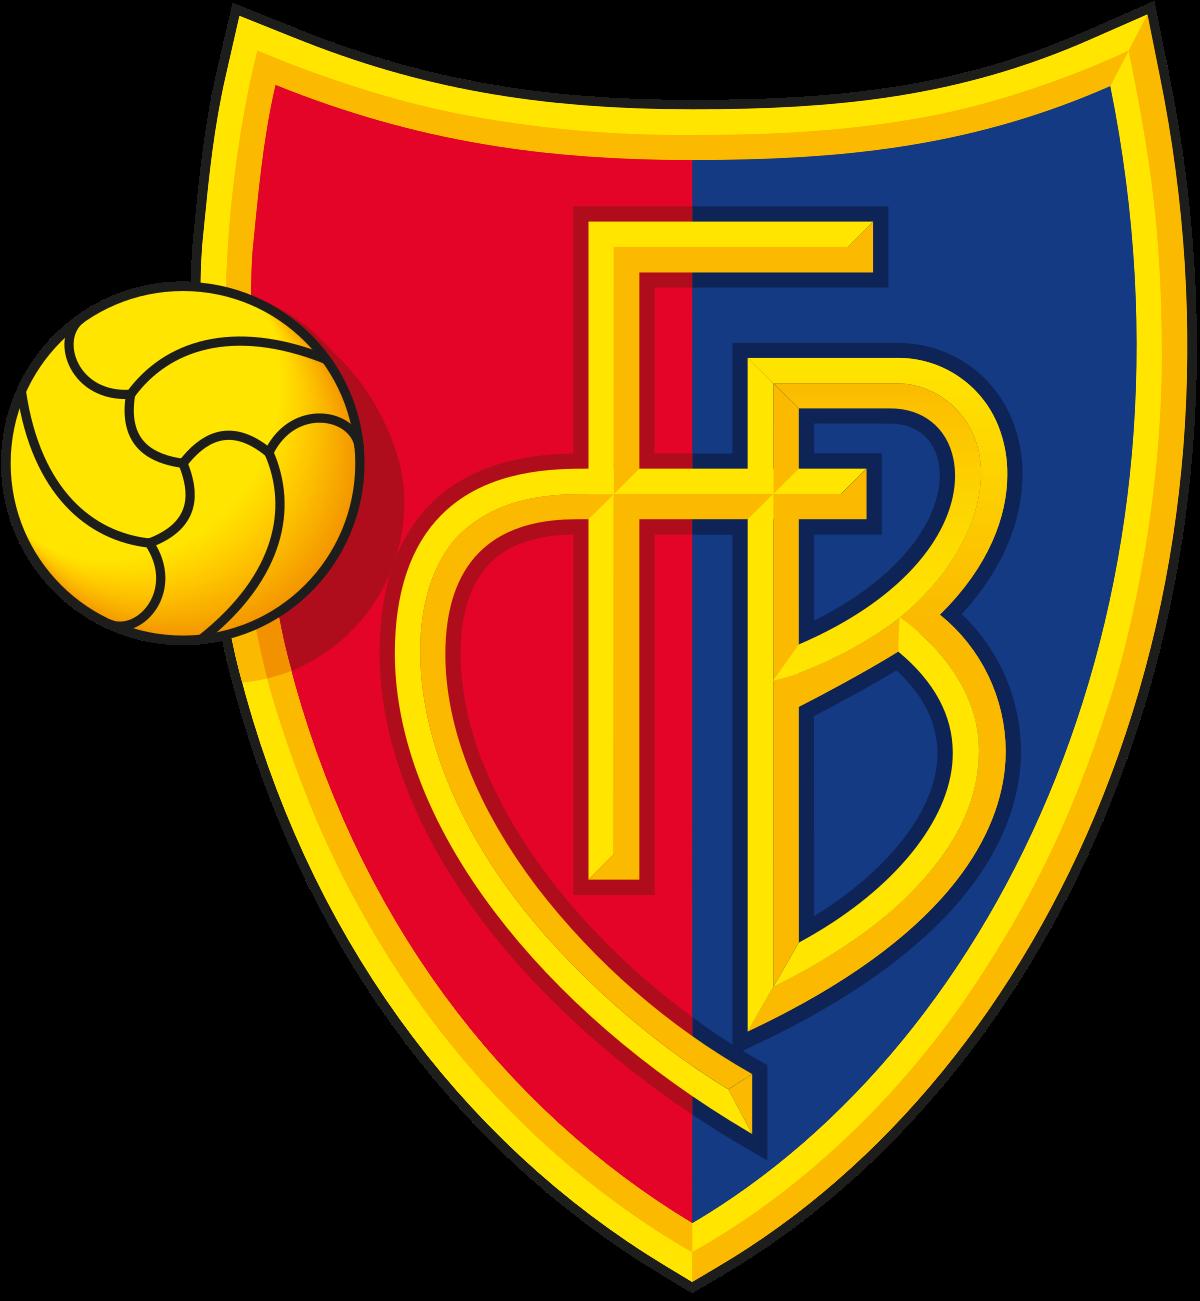 FCB-2